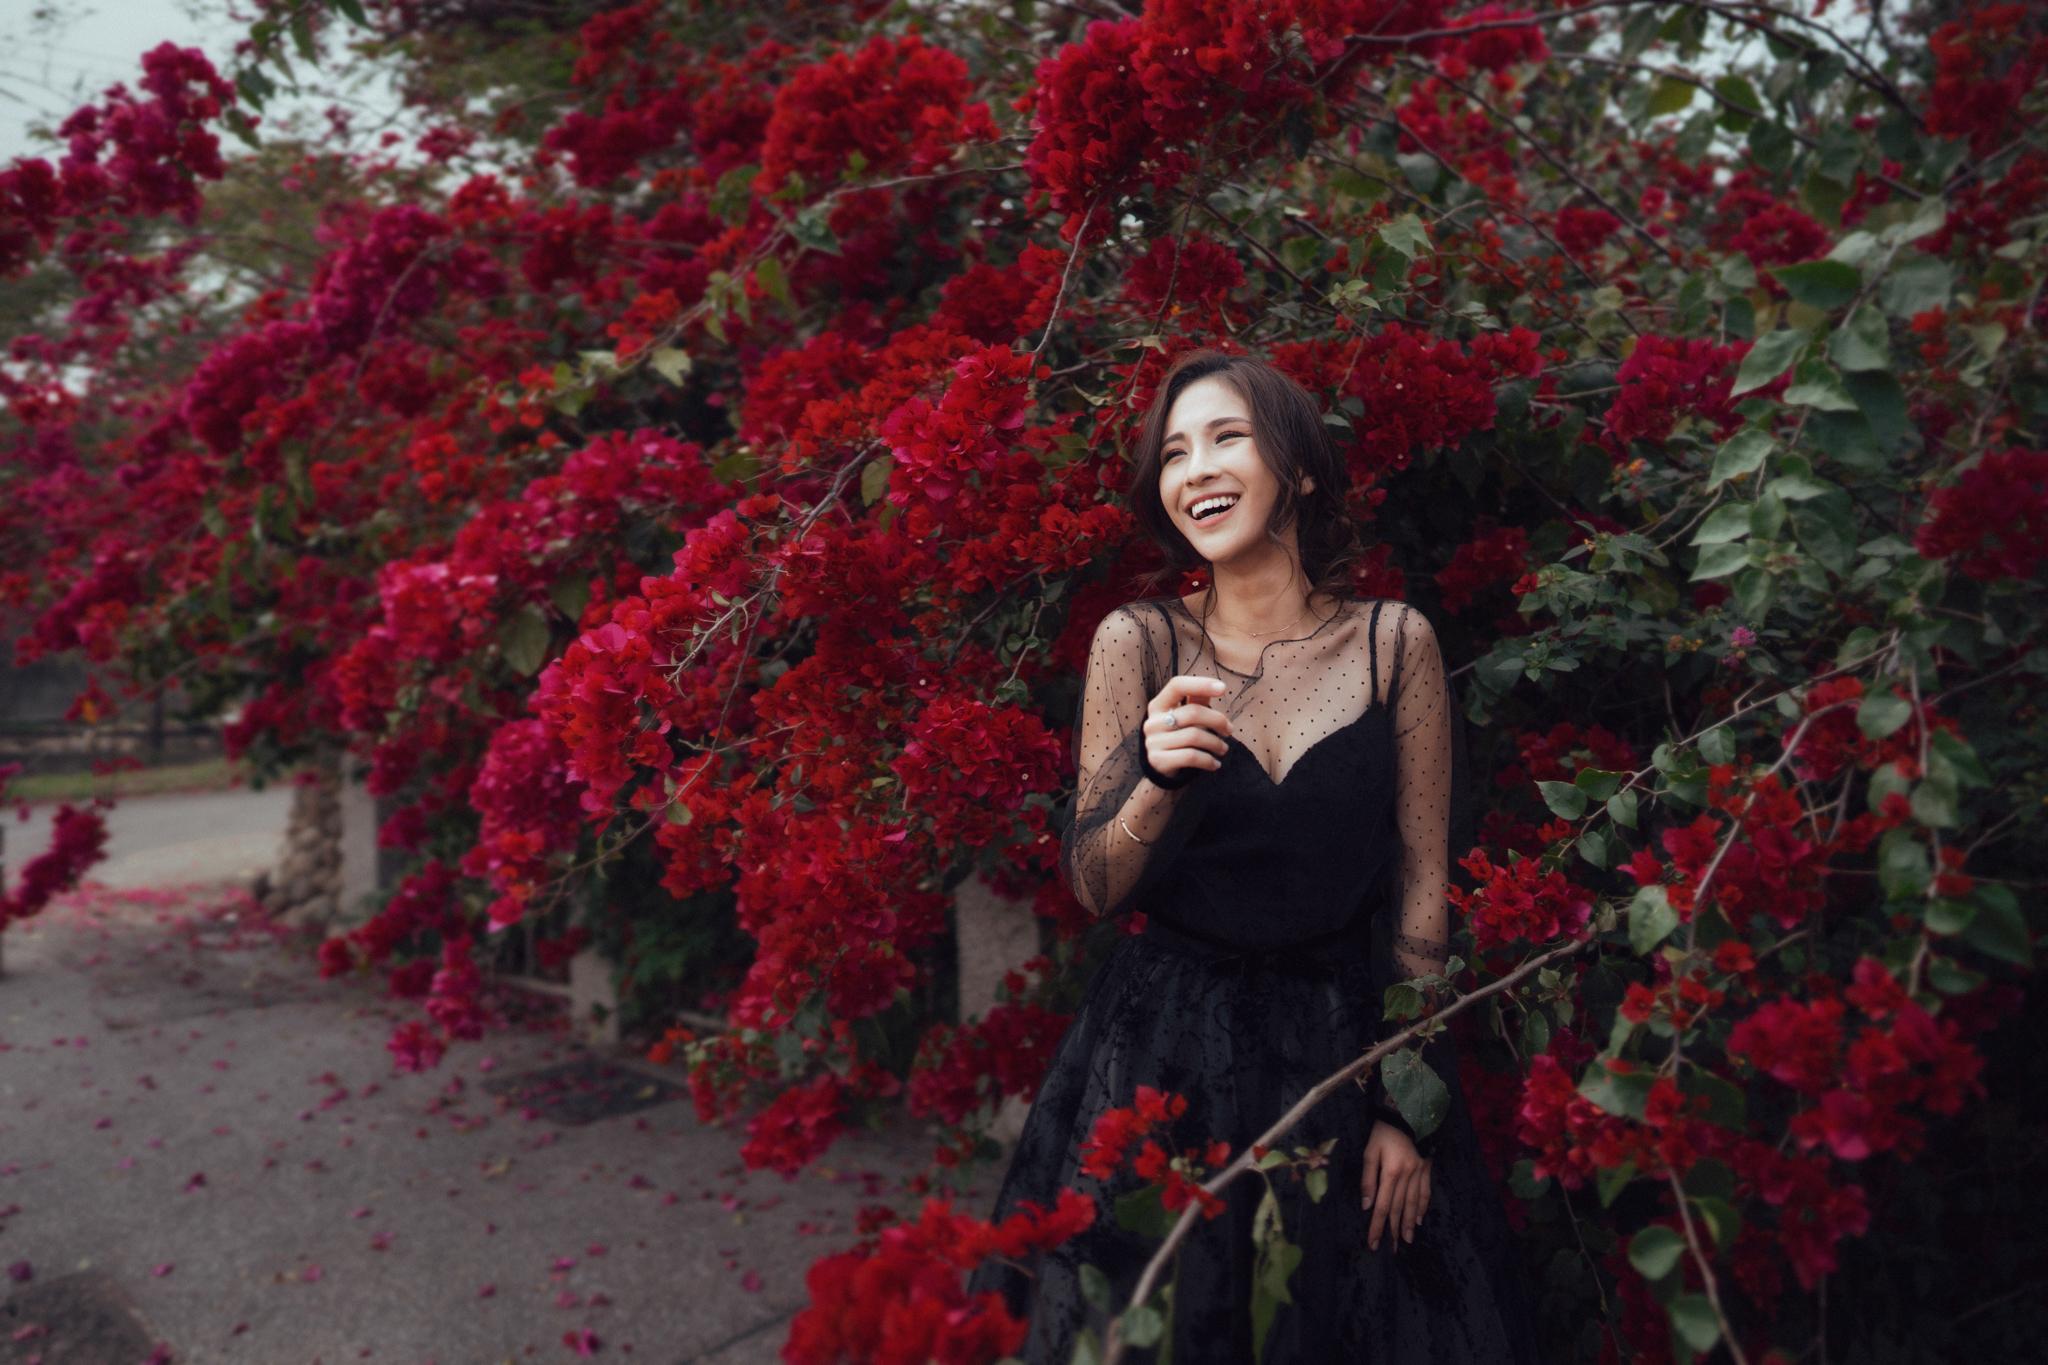 台北婚紗, 九重葛, 婚紗影像, 自主婚紗, Donfer, 藝術影像